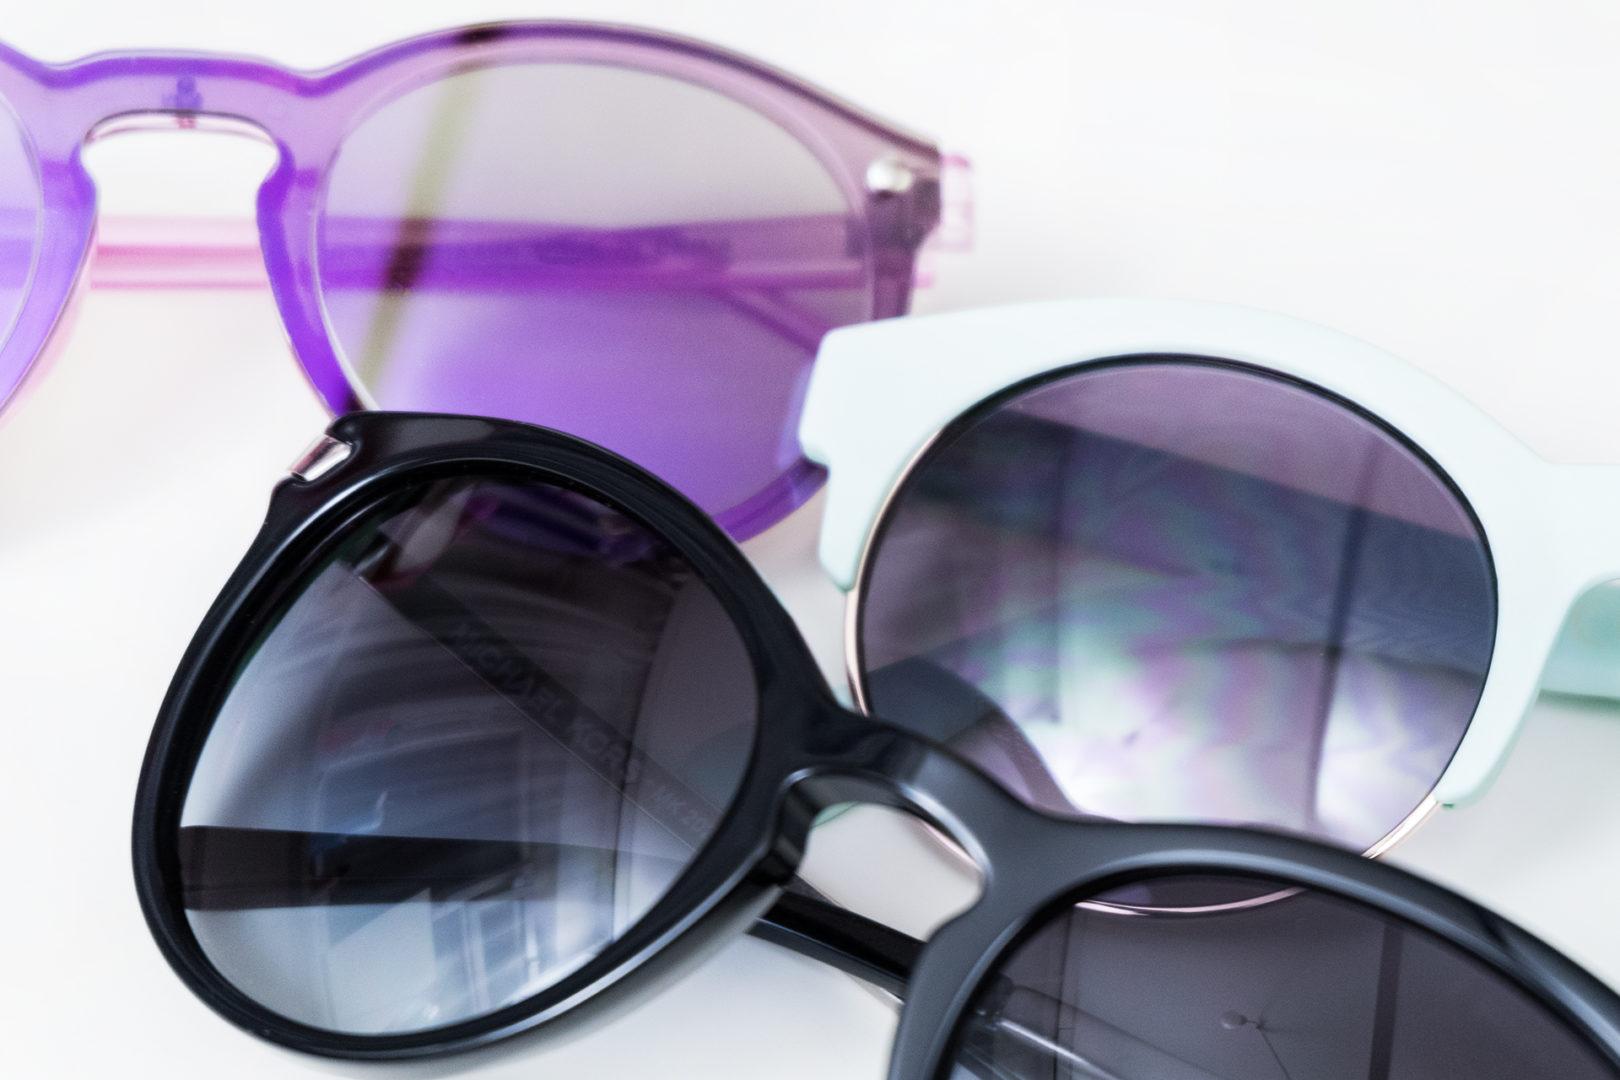 b76e404ec1 Dopasuj okulary przeciwsłoneczne do Twojego kształtu twarzy i znajdź ...